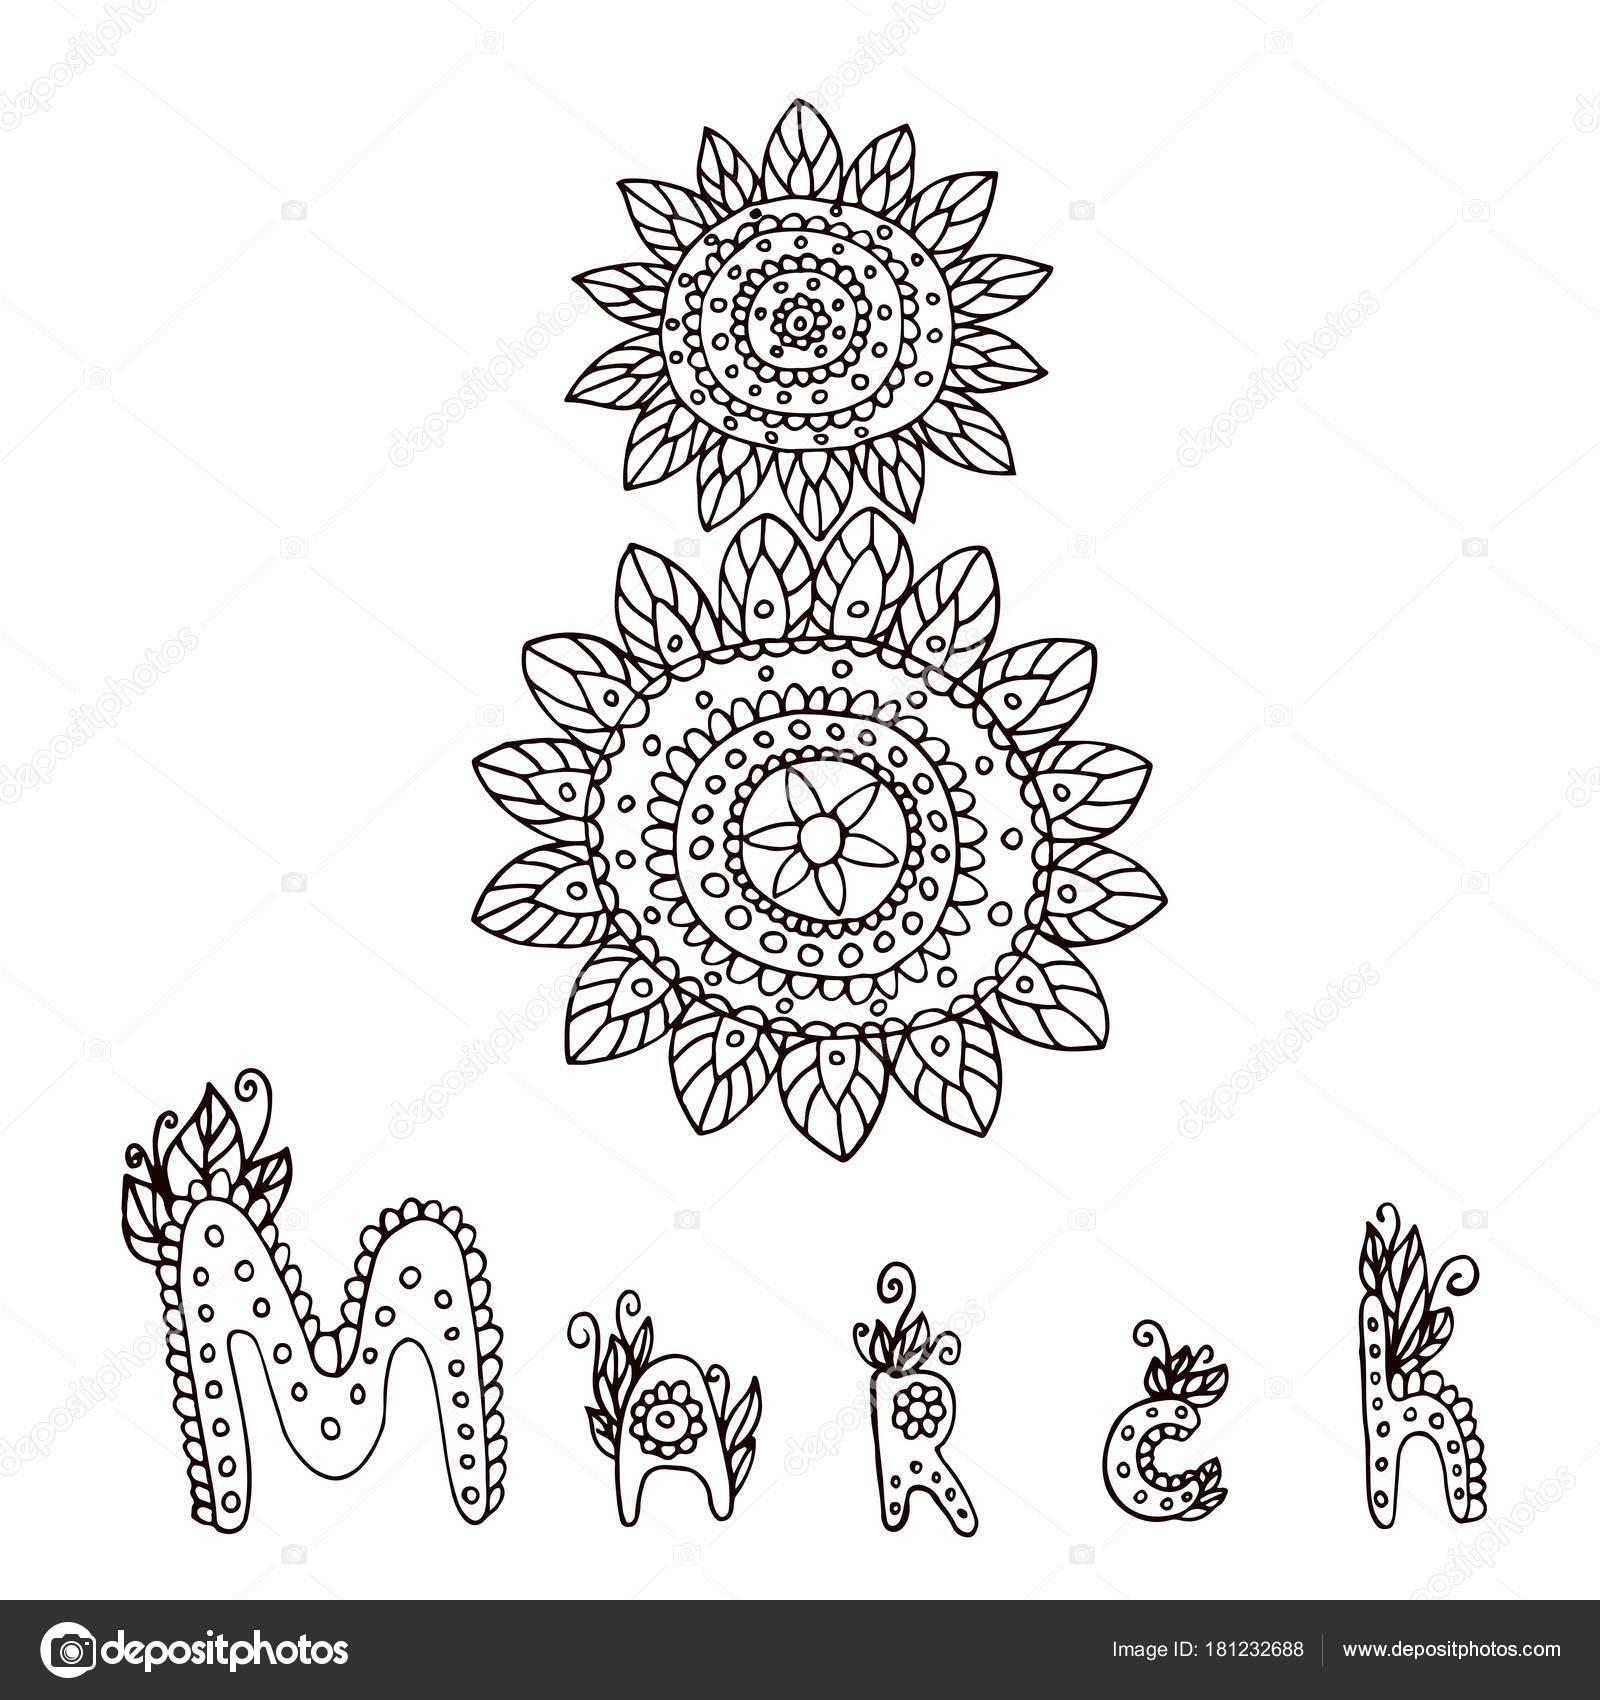 çocuklar Ve Yetişkinler Için Boyama Sayfası Doodle Stili Stok